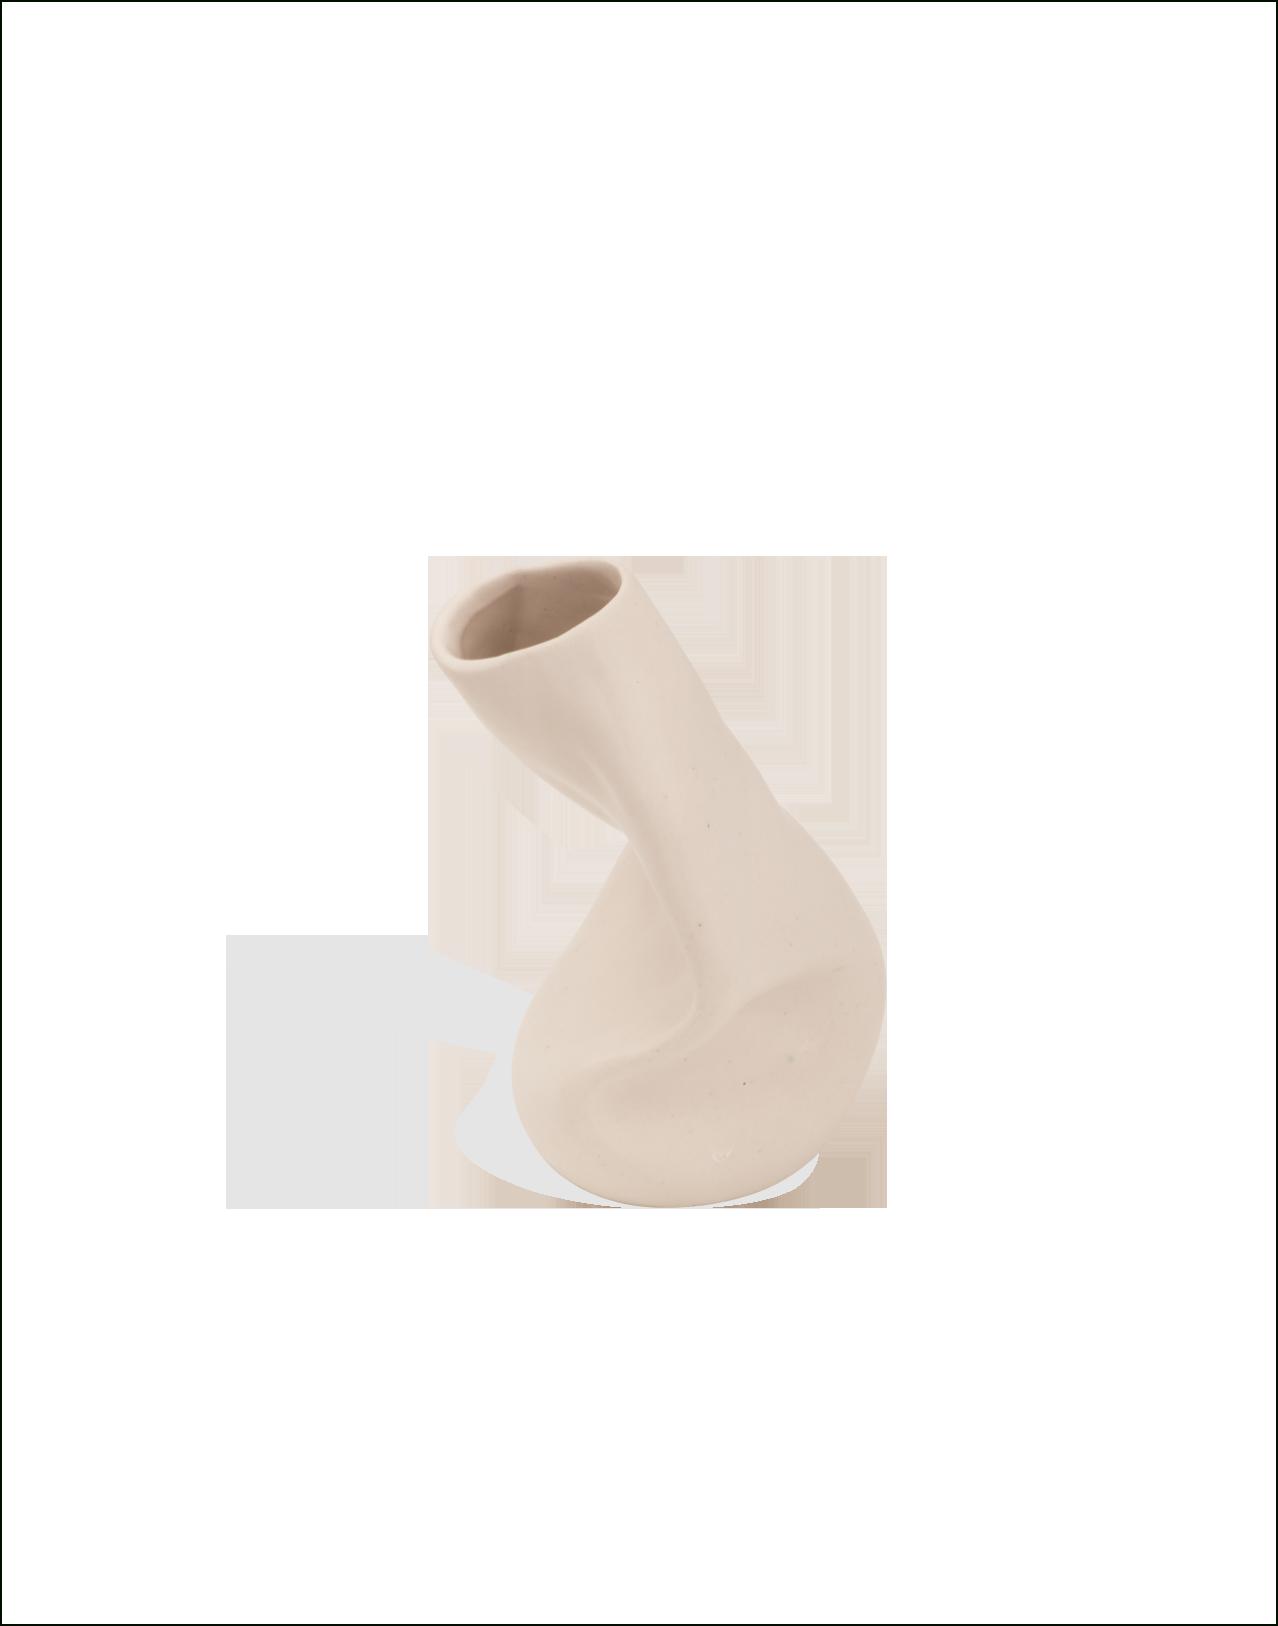 Completedworks-Ceramics-Object-7-4-1.png